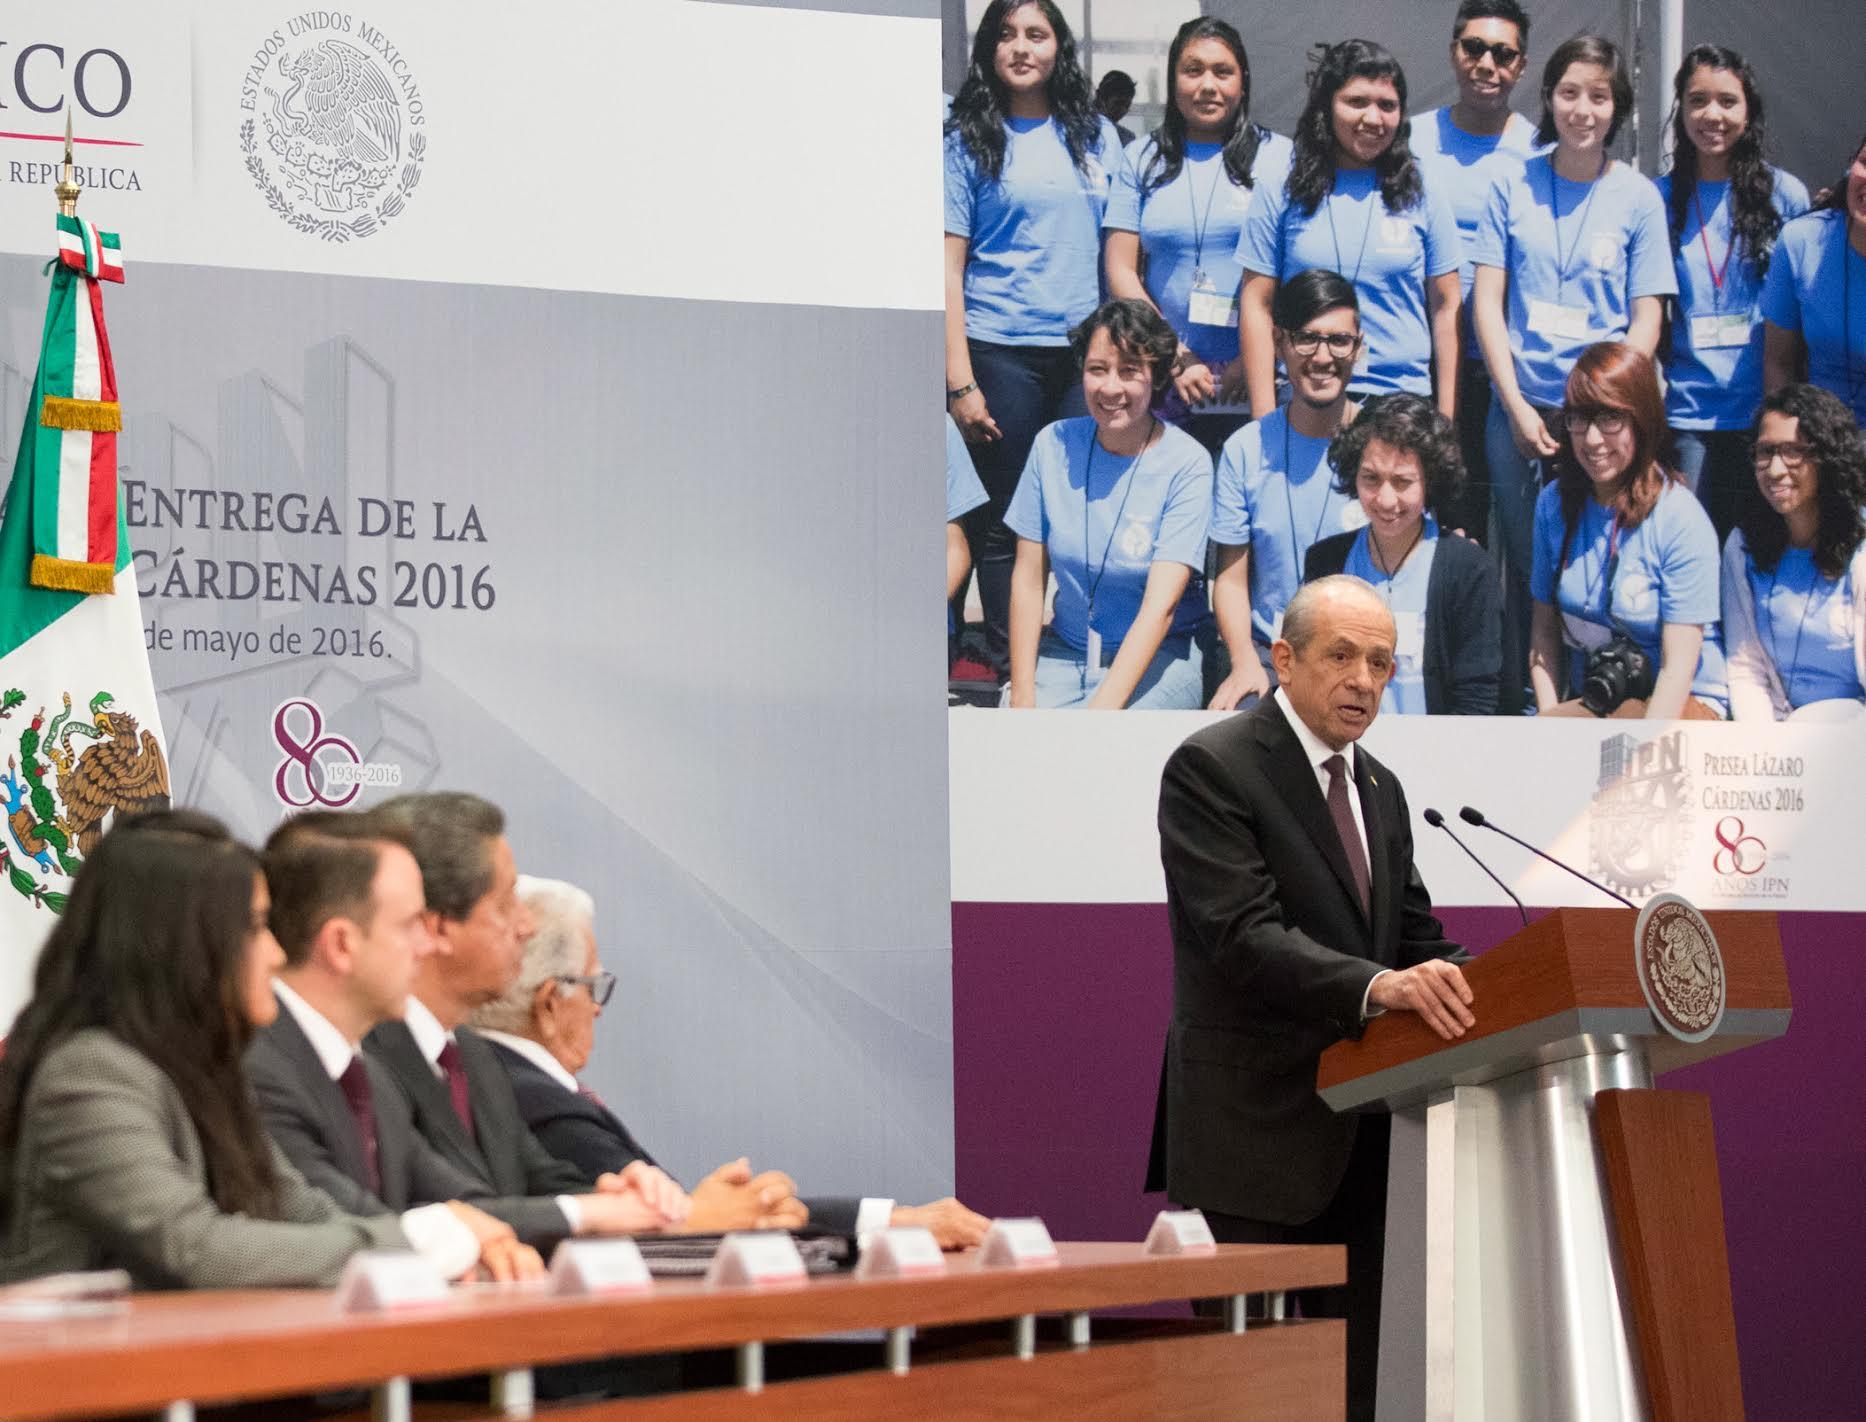 """""""Honraré la palabra empeñada y la firma del Gobierno Federal, inhibiré a quienes intentan demostrar que la educación pública y gratuita no es opción para el futuro"""", doctor Enrique Fernández Fassnacht."""